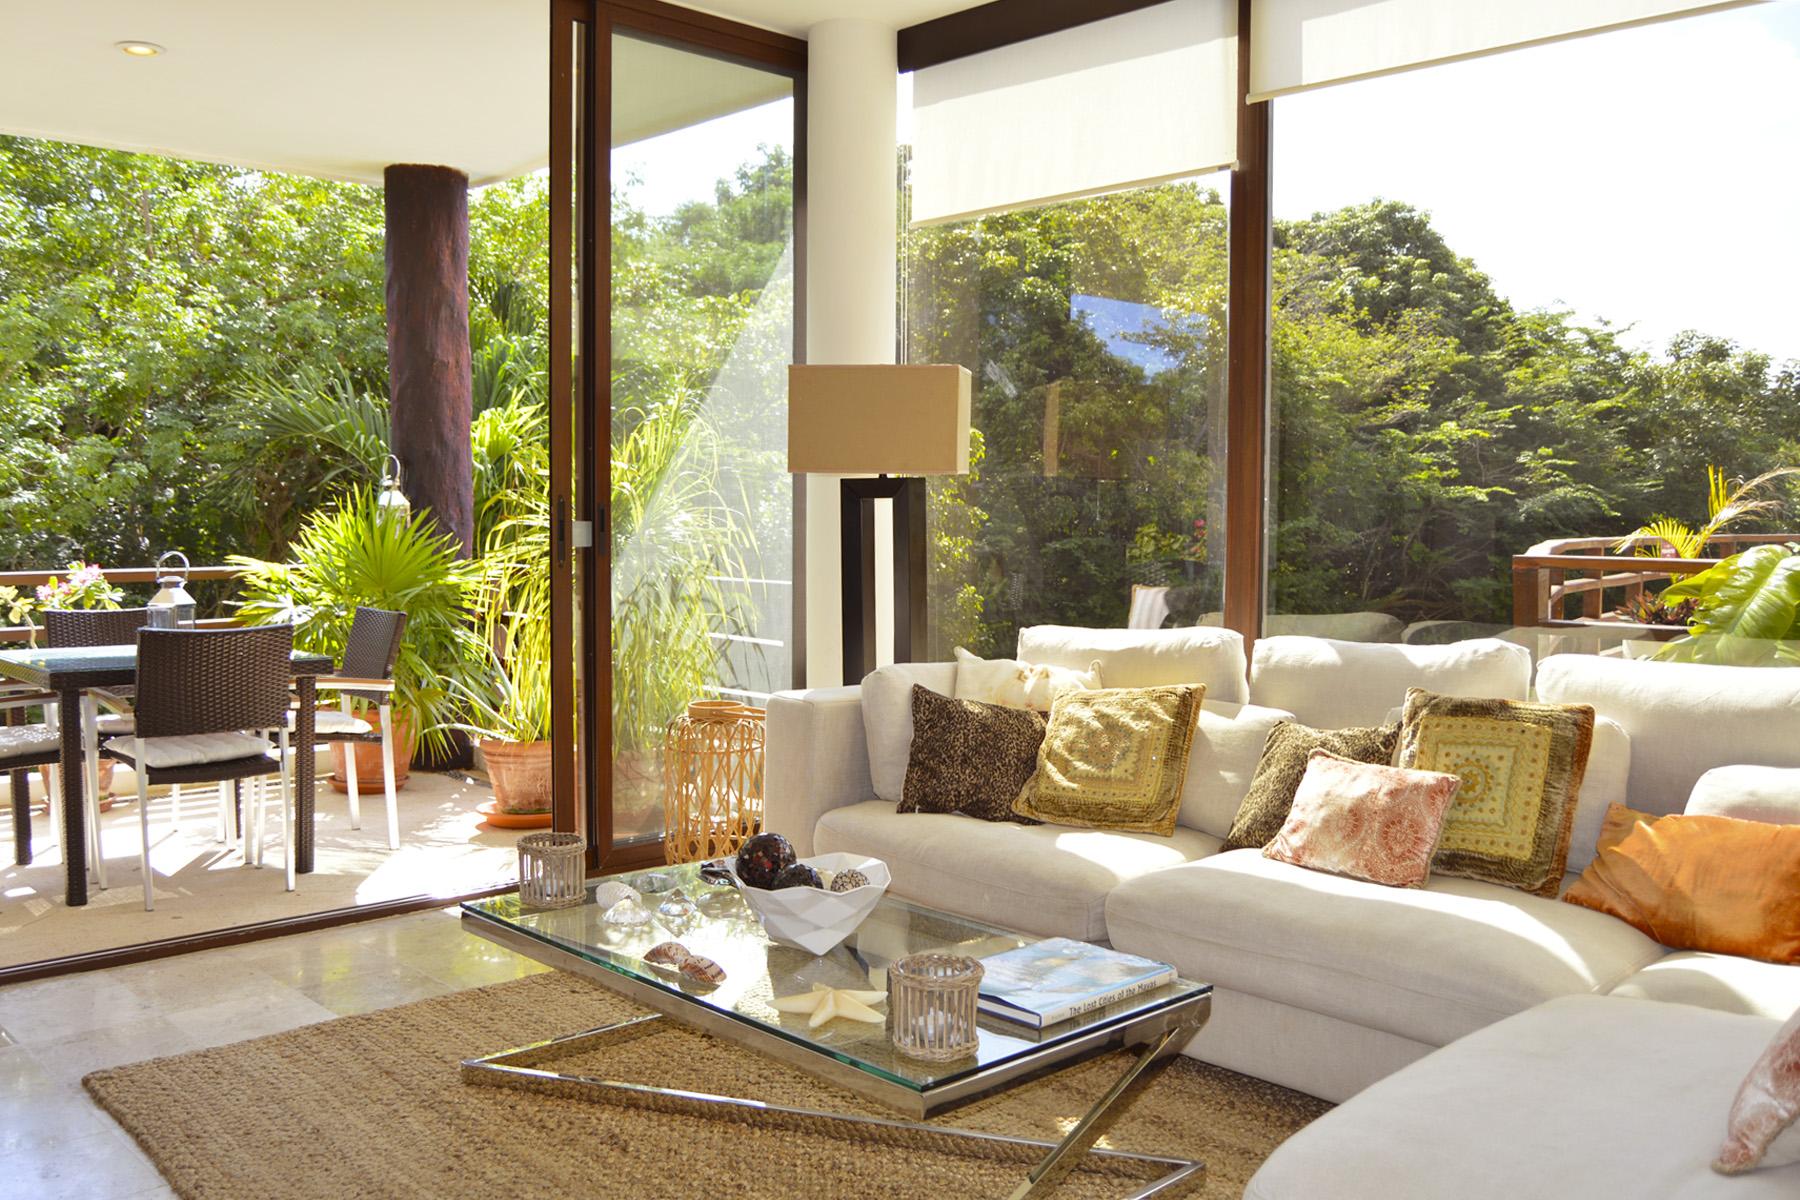 Apartment for Sale at AKOYA LUXURY CONDO Akoya, Villas Pakal Ret 3 Chichenitza Lot 19 Mza 16 Playa Del Carmen, Quintana Roo, 77710 Mexico